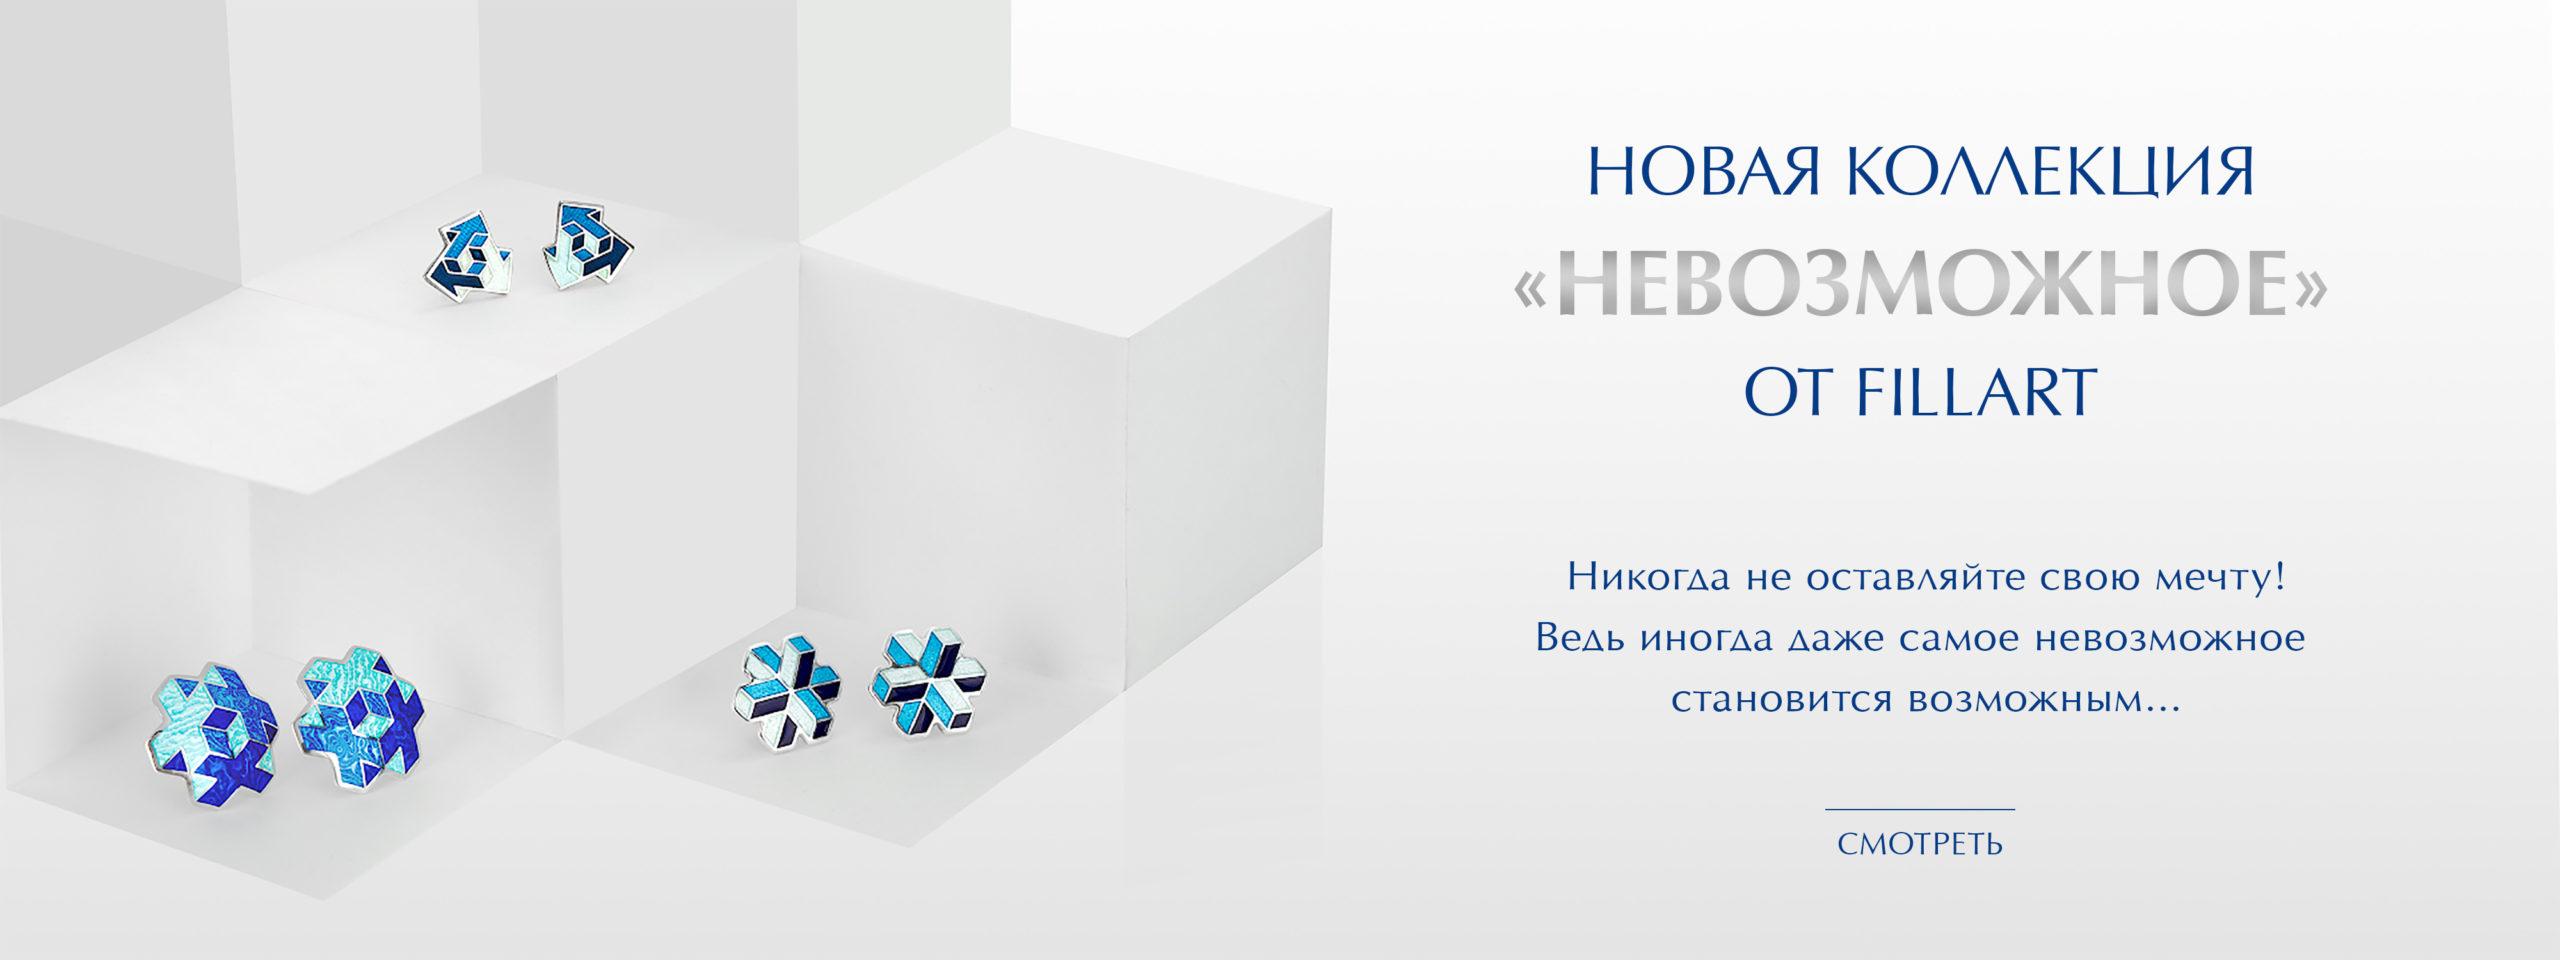 baner nevozmozhnoe pk smotret scaled - Главная